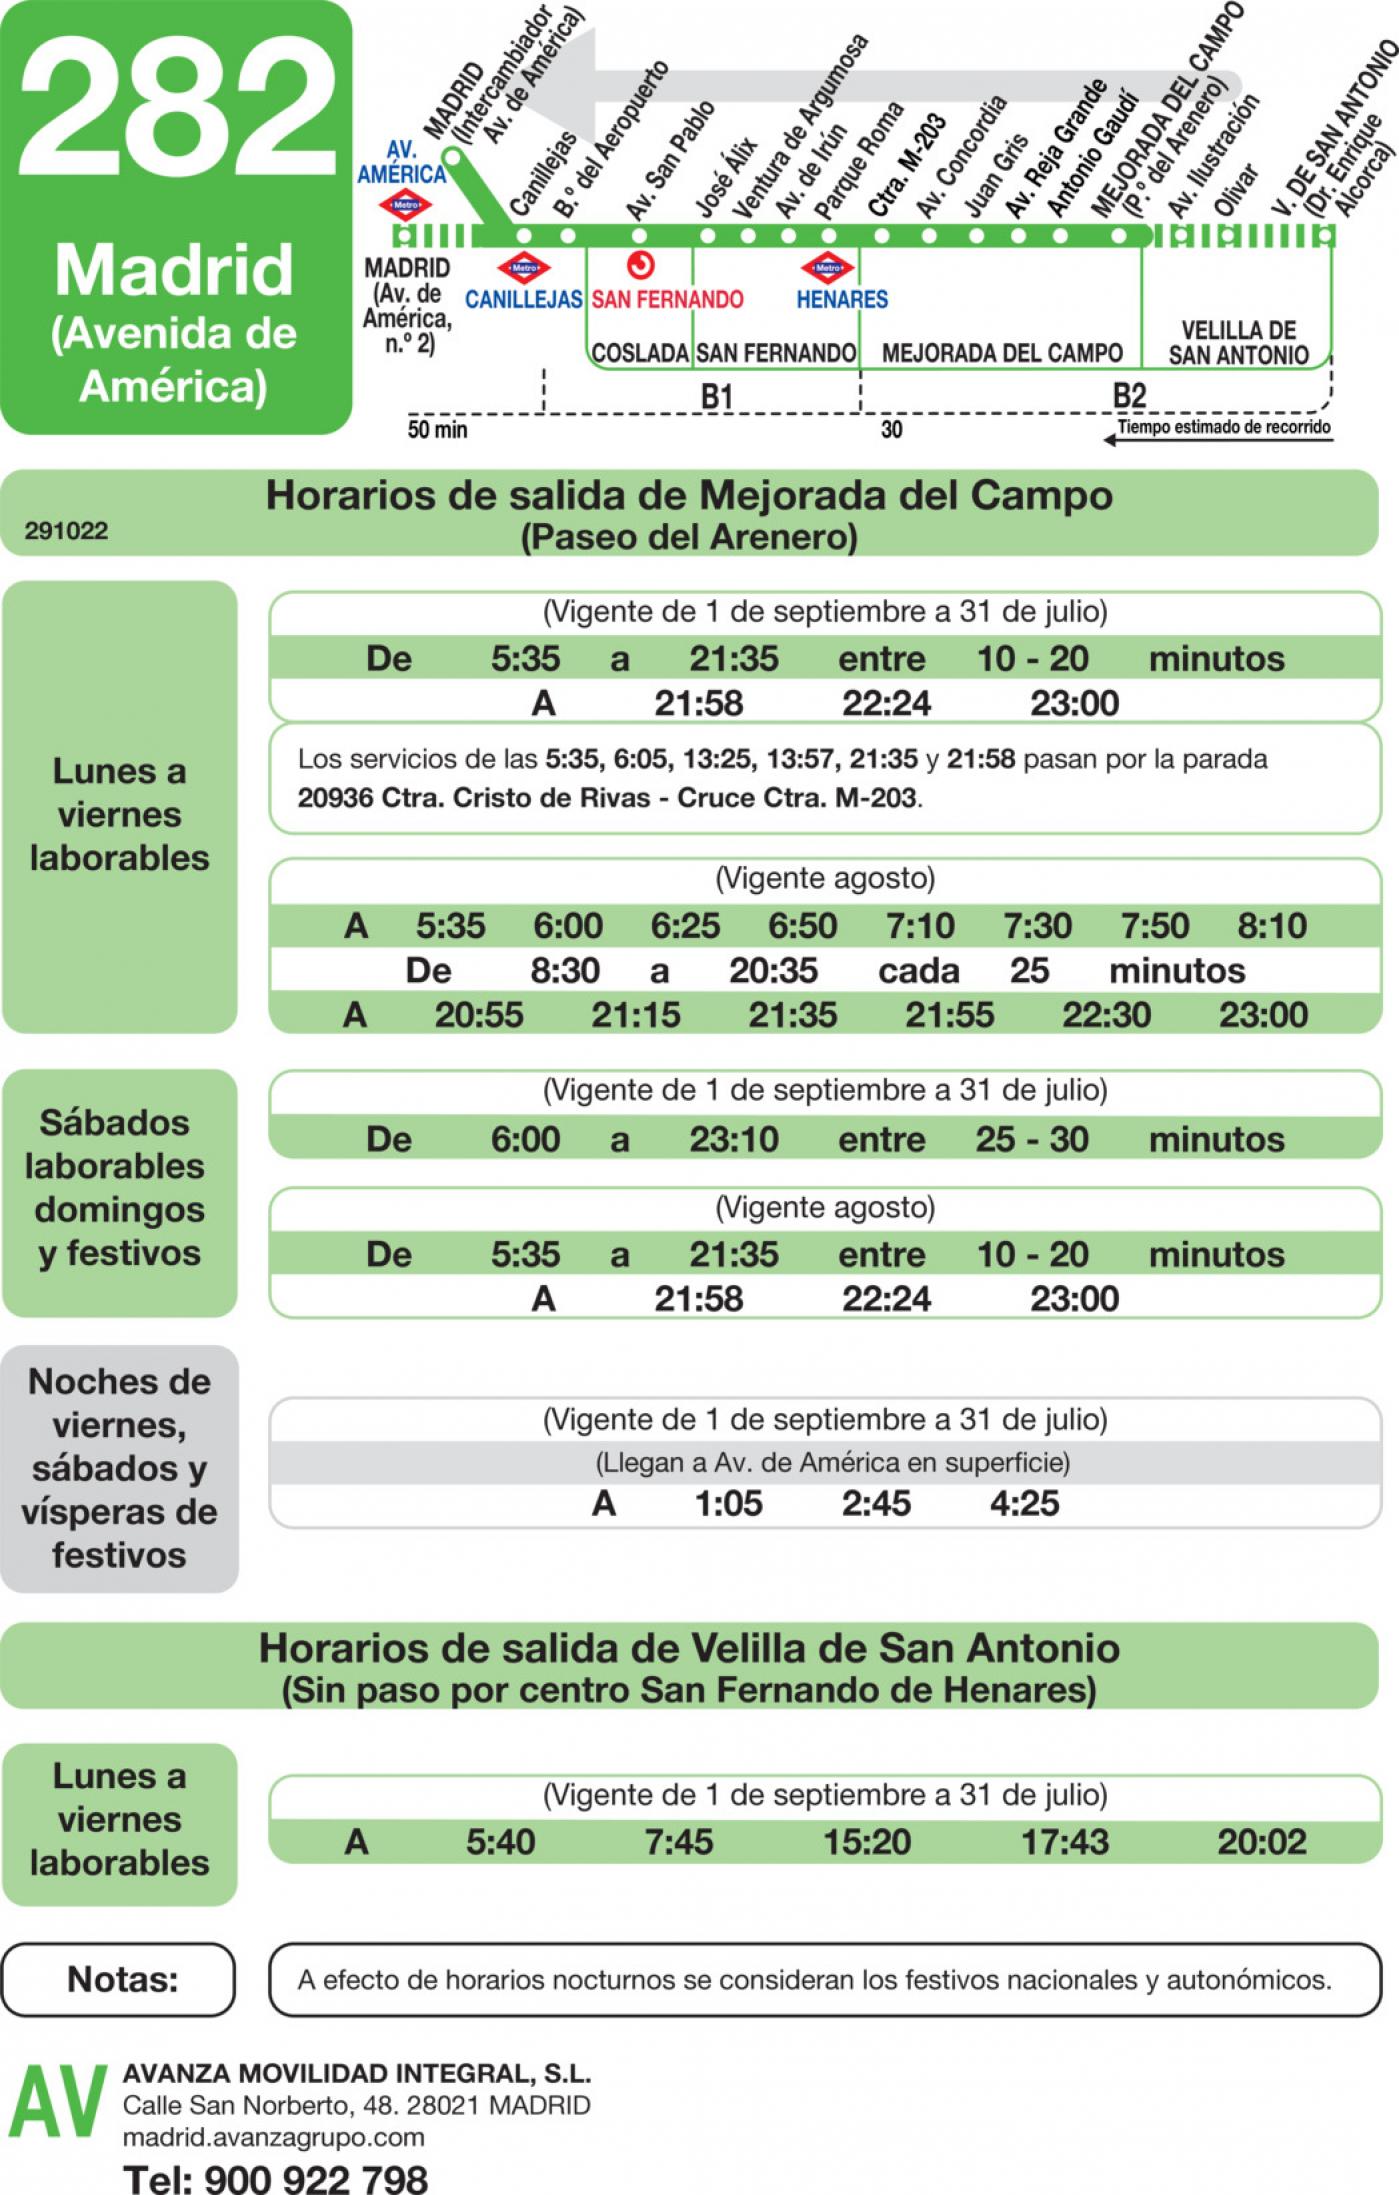 Tabla de horarios y frecuencias de paso en sentido vuelta Línea 282: Madrid (Avenida America) - San Fernando - Mejorada